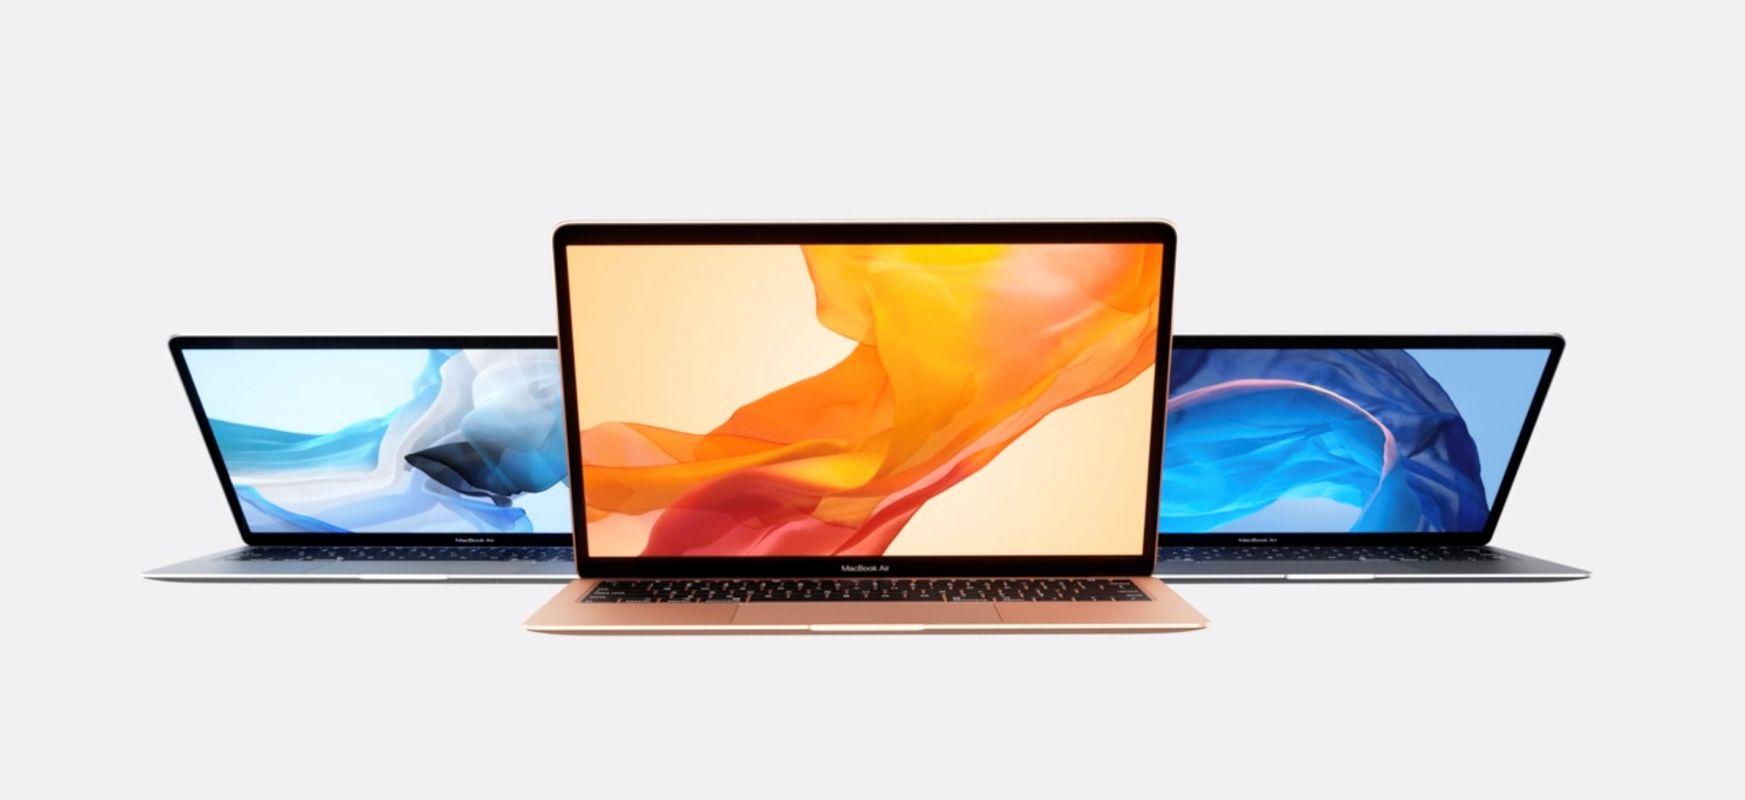 Agian ez dugu MacBooks berria ezagutzen.  ARM eta USB prozesadoreak izan behar dituzte 4 eta Notch bat pantailan